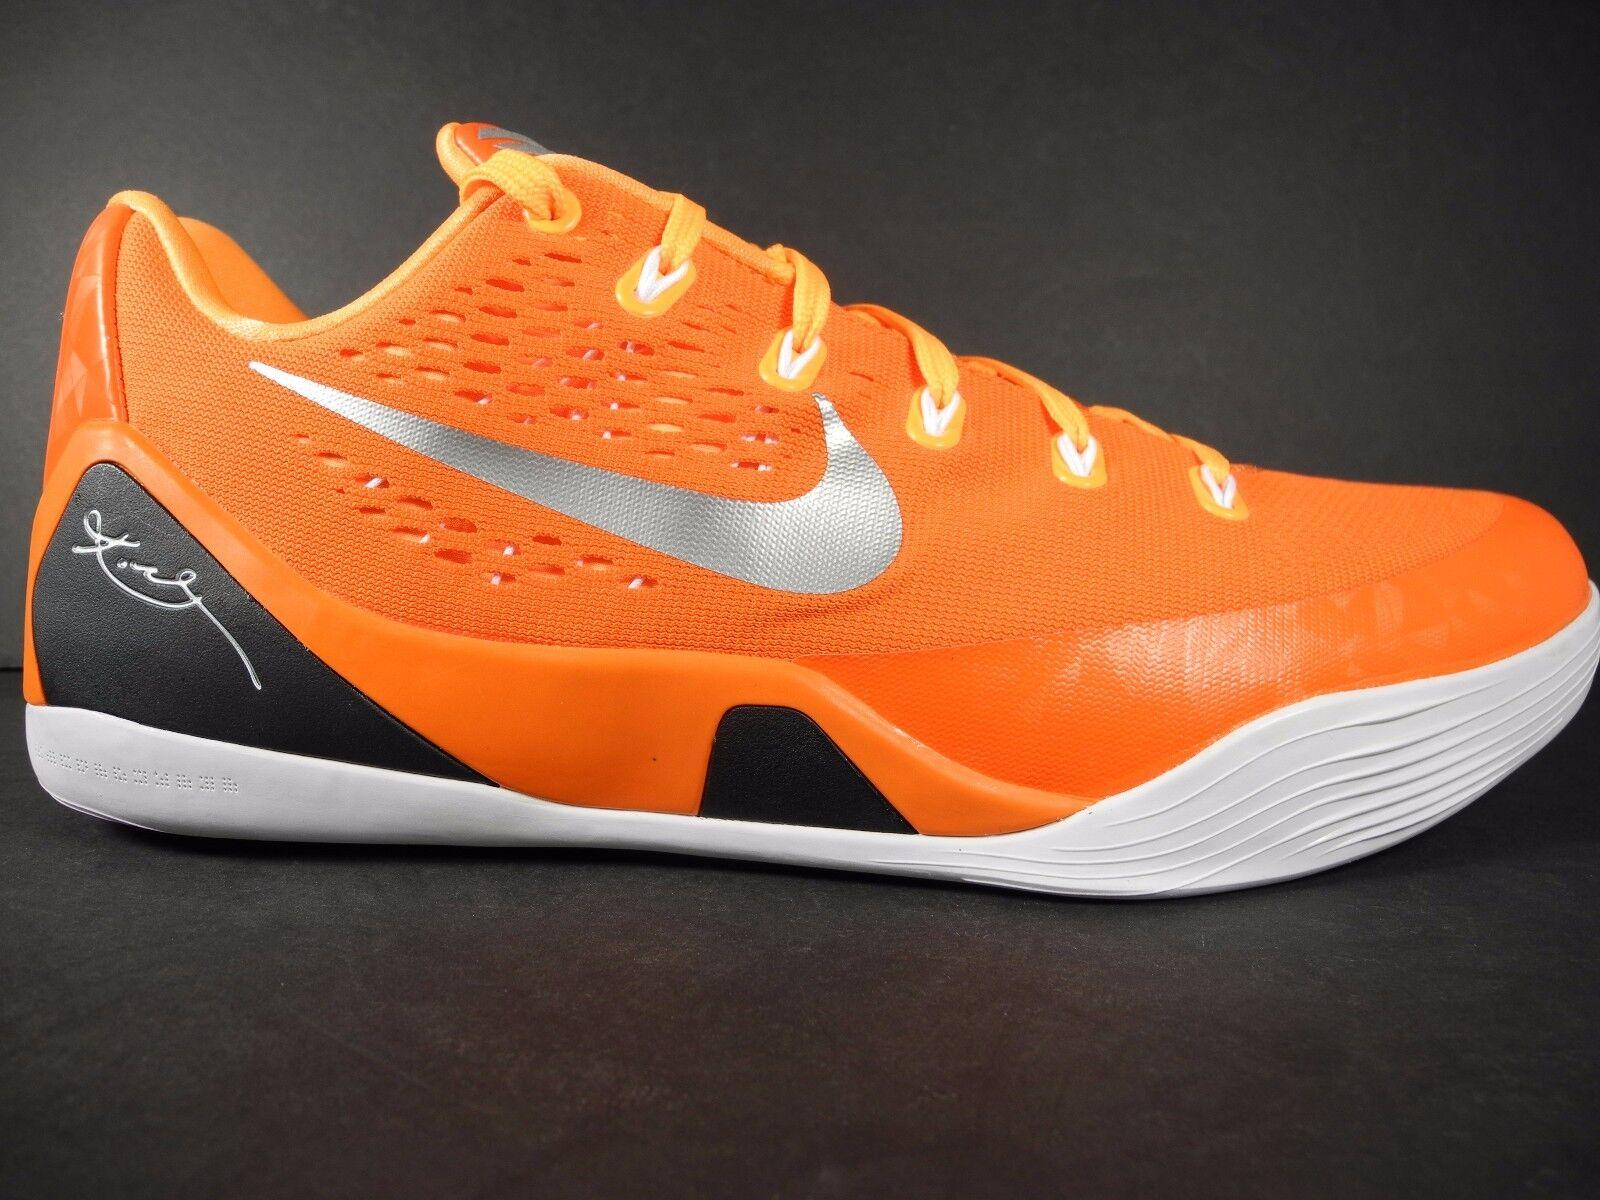 les nouvelles nike kobe ix les baskets taille du ct 15 15 ct 2fe655